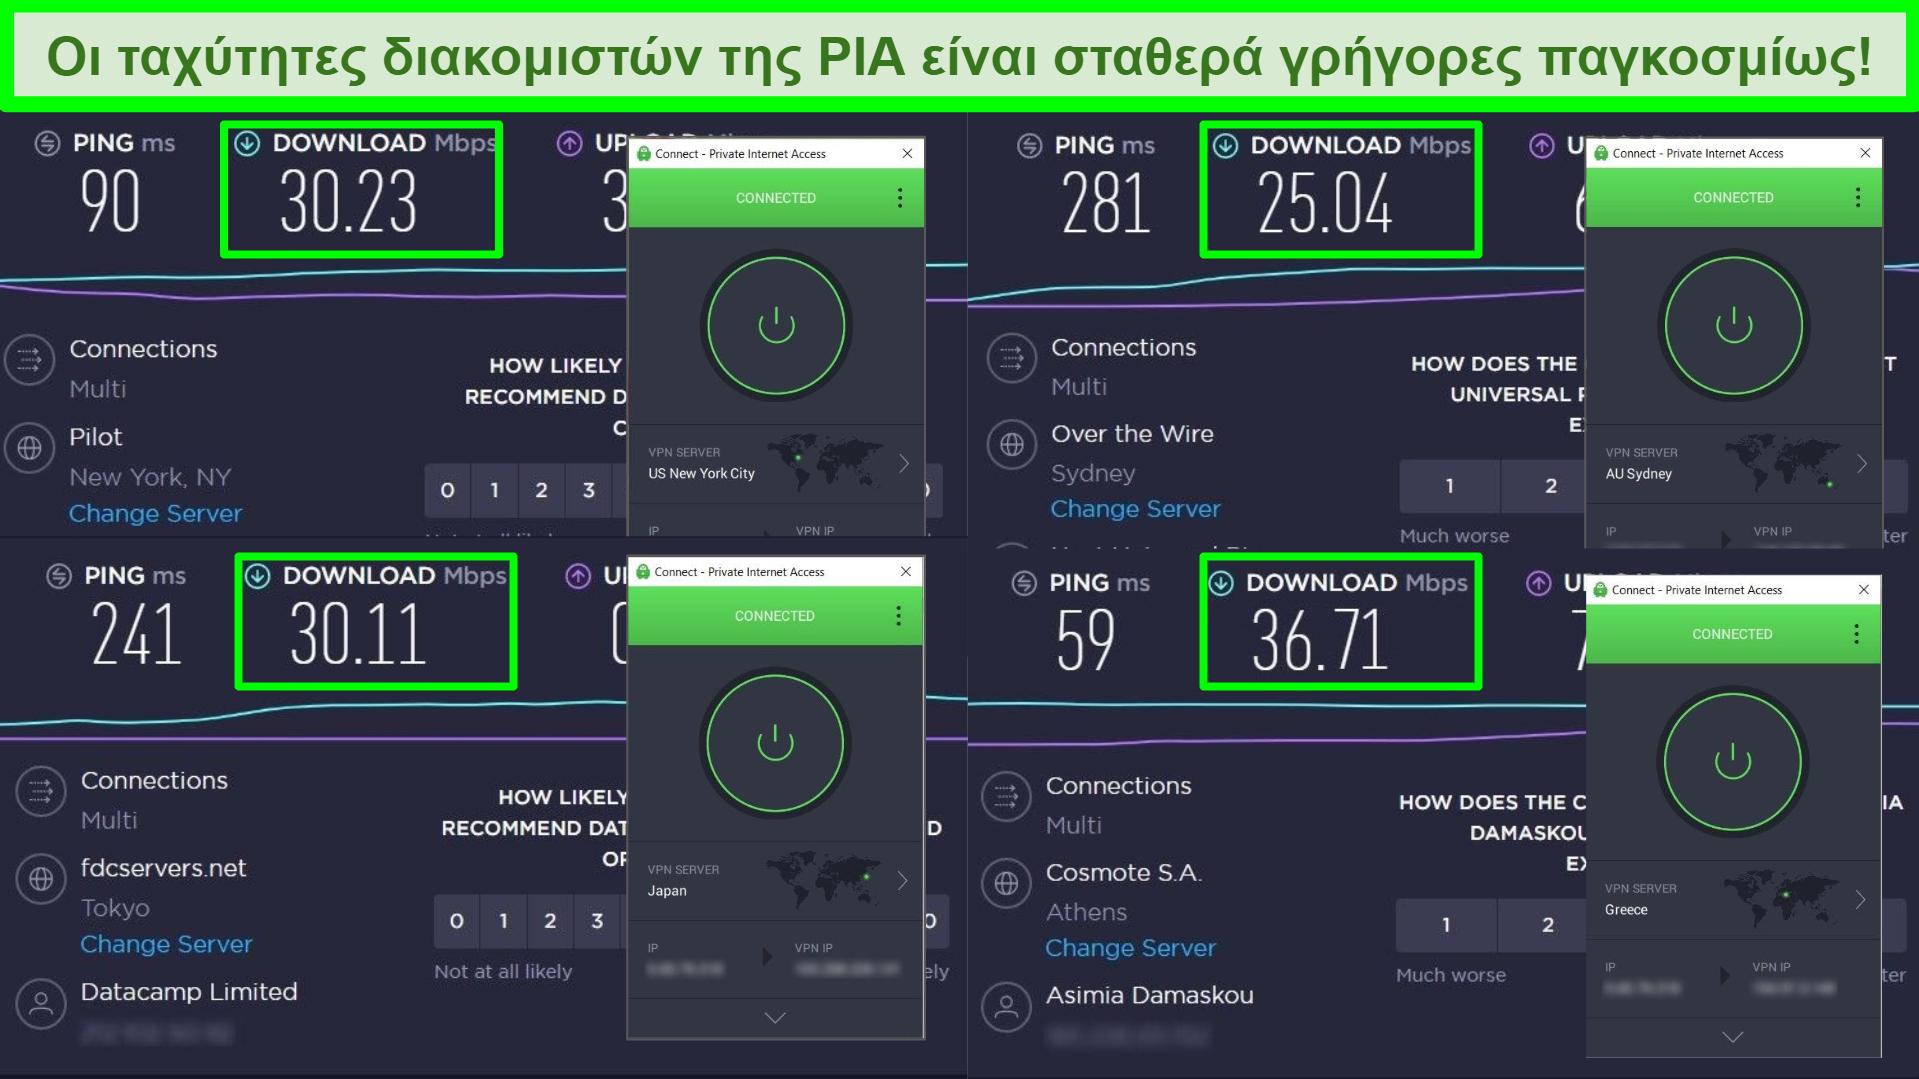 Στιγμιότυπα οθόνης δοκιμών ταχύτητας Ookla με PIA συνδεδεμένο σε διαφορετικούς παγκόσμιους διακομιστές.